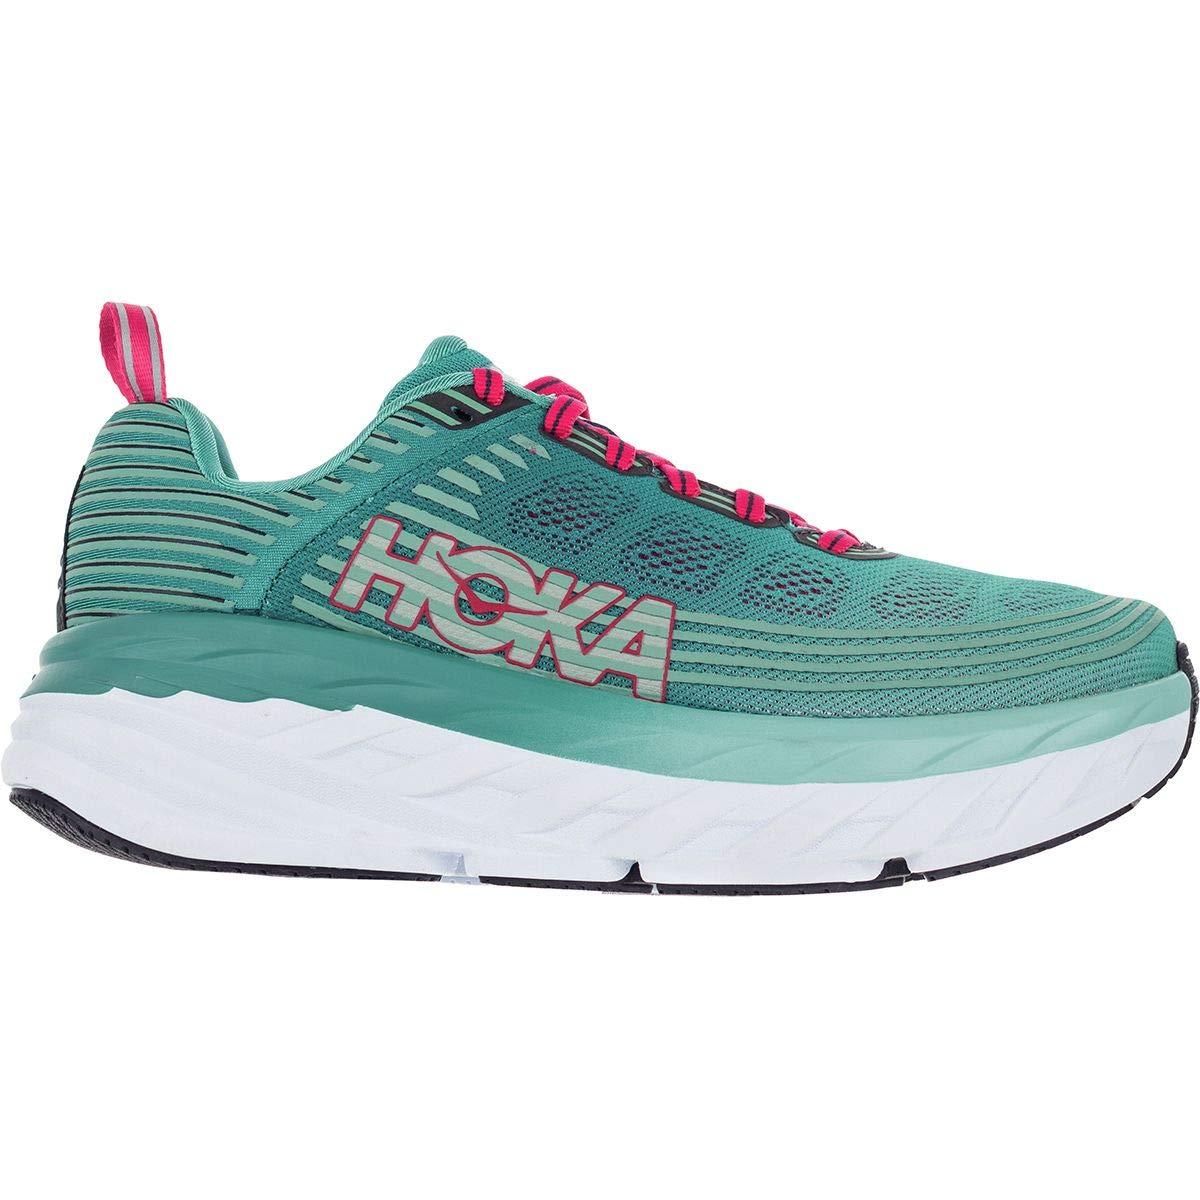 今季ブランド [ホッカオネオネ] レディース レディース ランニング Bondi 6 Running Shoe Running [並行輸入品] B07K1BJ1CT Bondi 8, エーティーフィールド:783233ee --- rarspoliplas.com